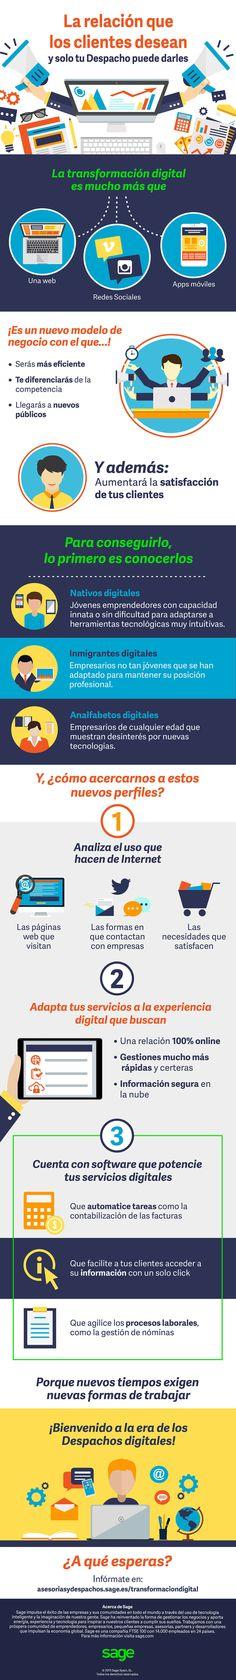 Transformación digital para Despachos Profesionales #infografia